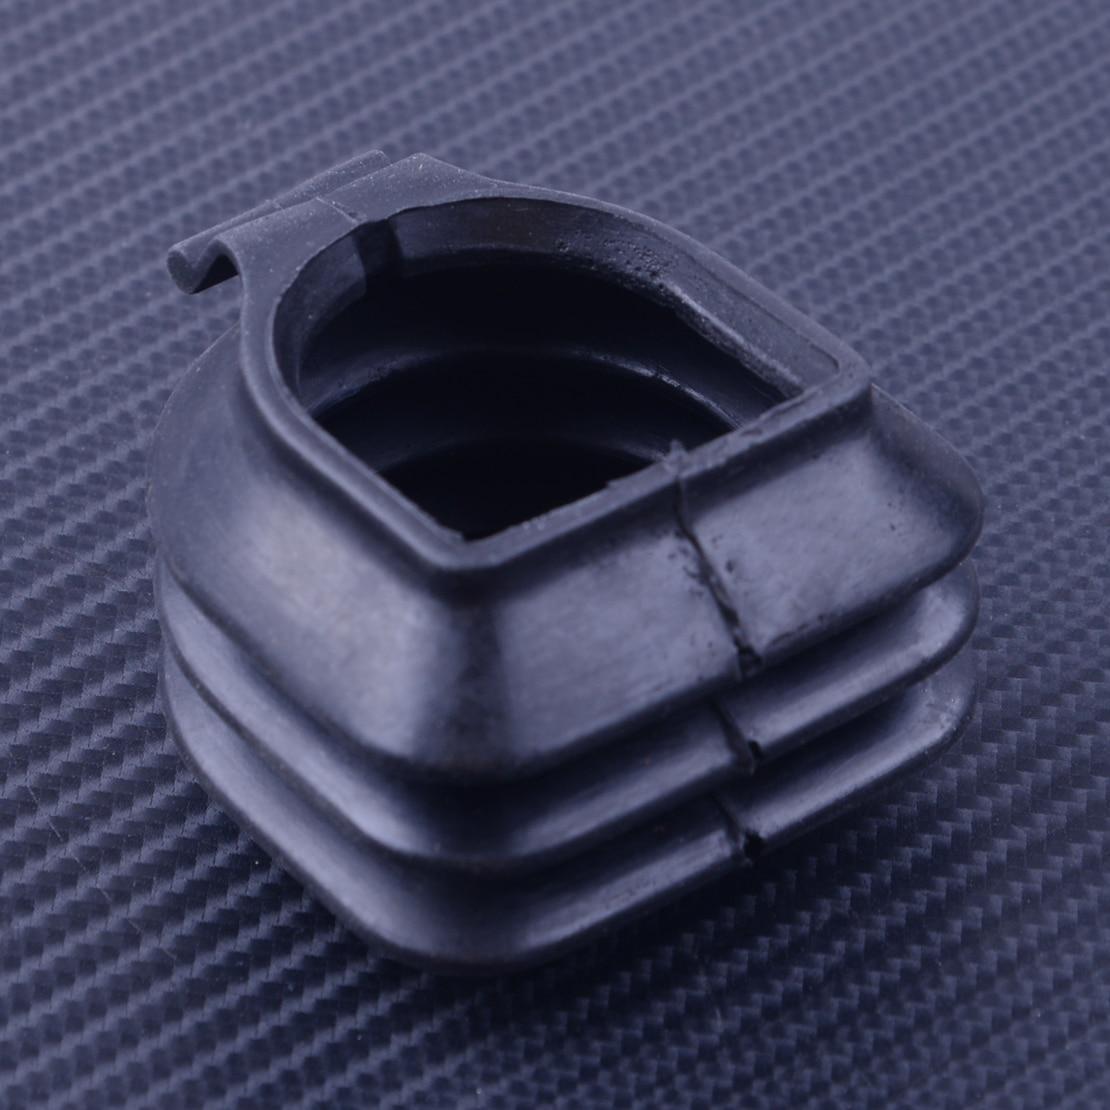 Tige de changement de vitesse sélecteur arbre manchon de protection Boot 020301261 adapté pour VW Cabriolet Jetta Golf Mk1 Mk2